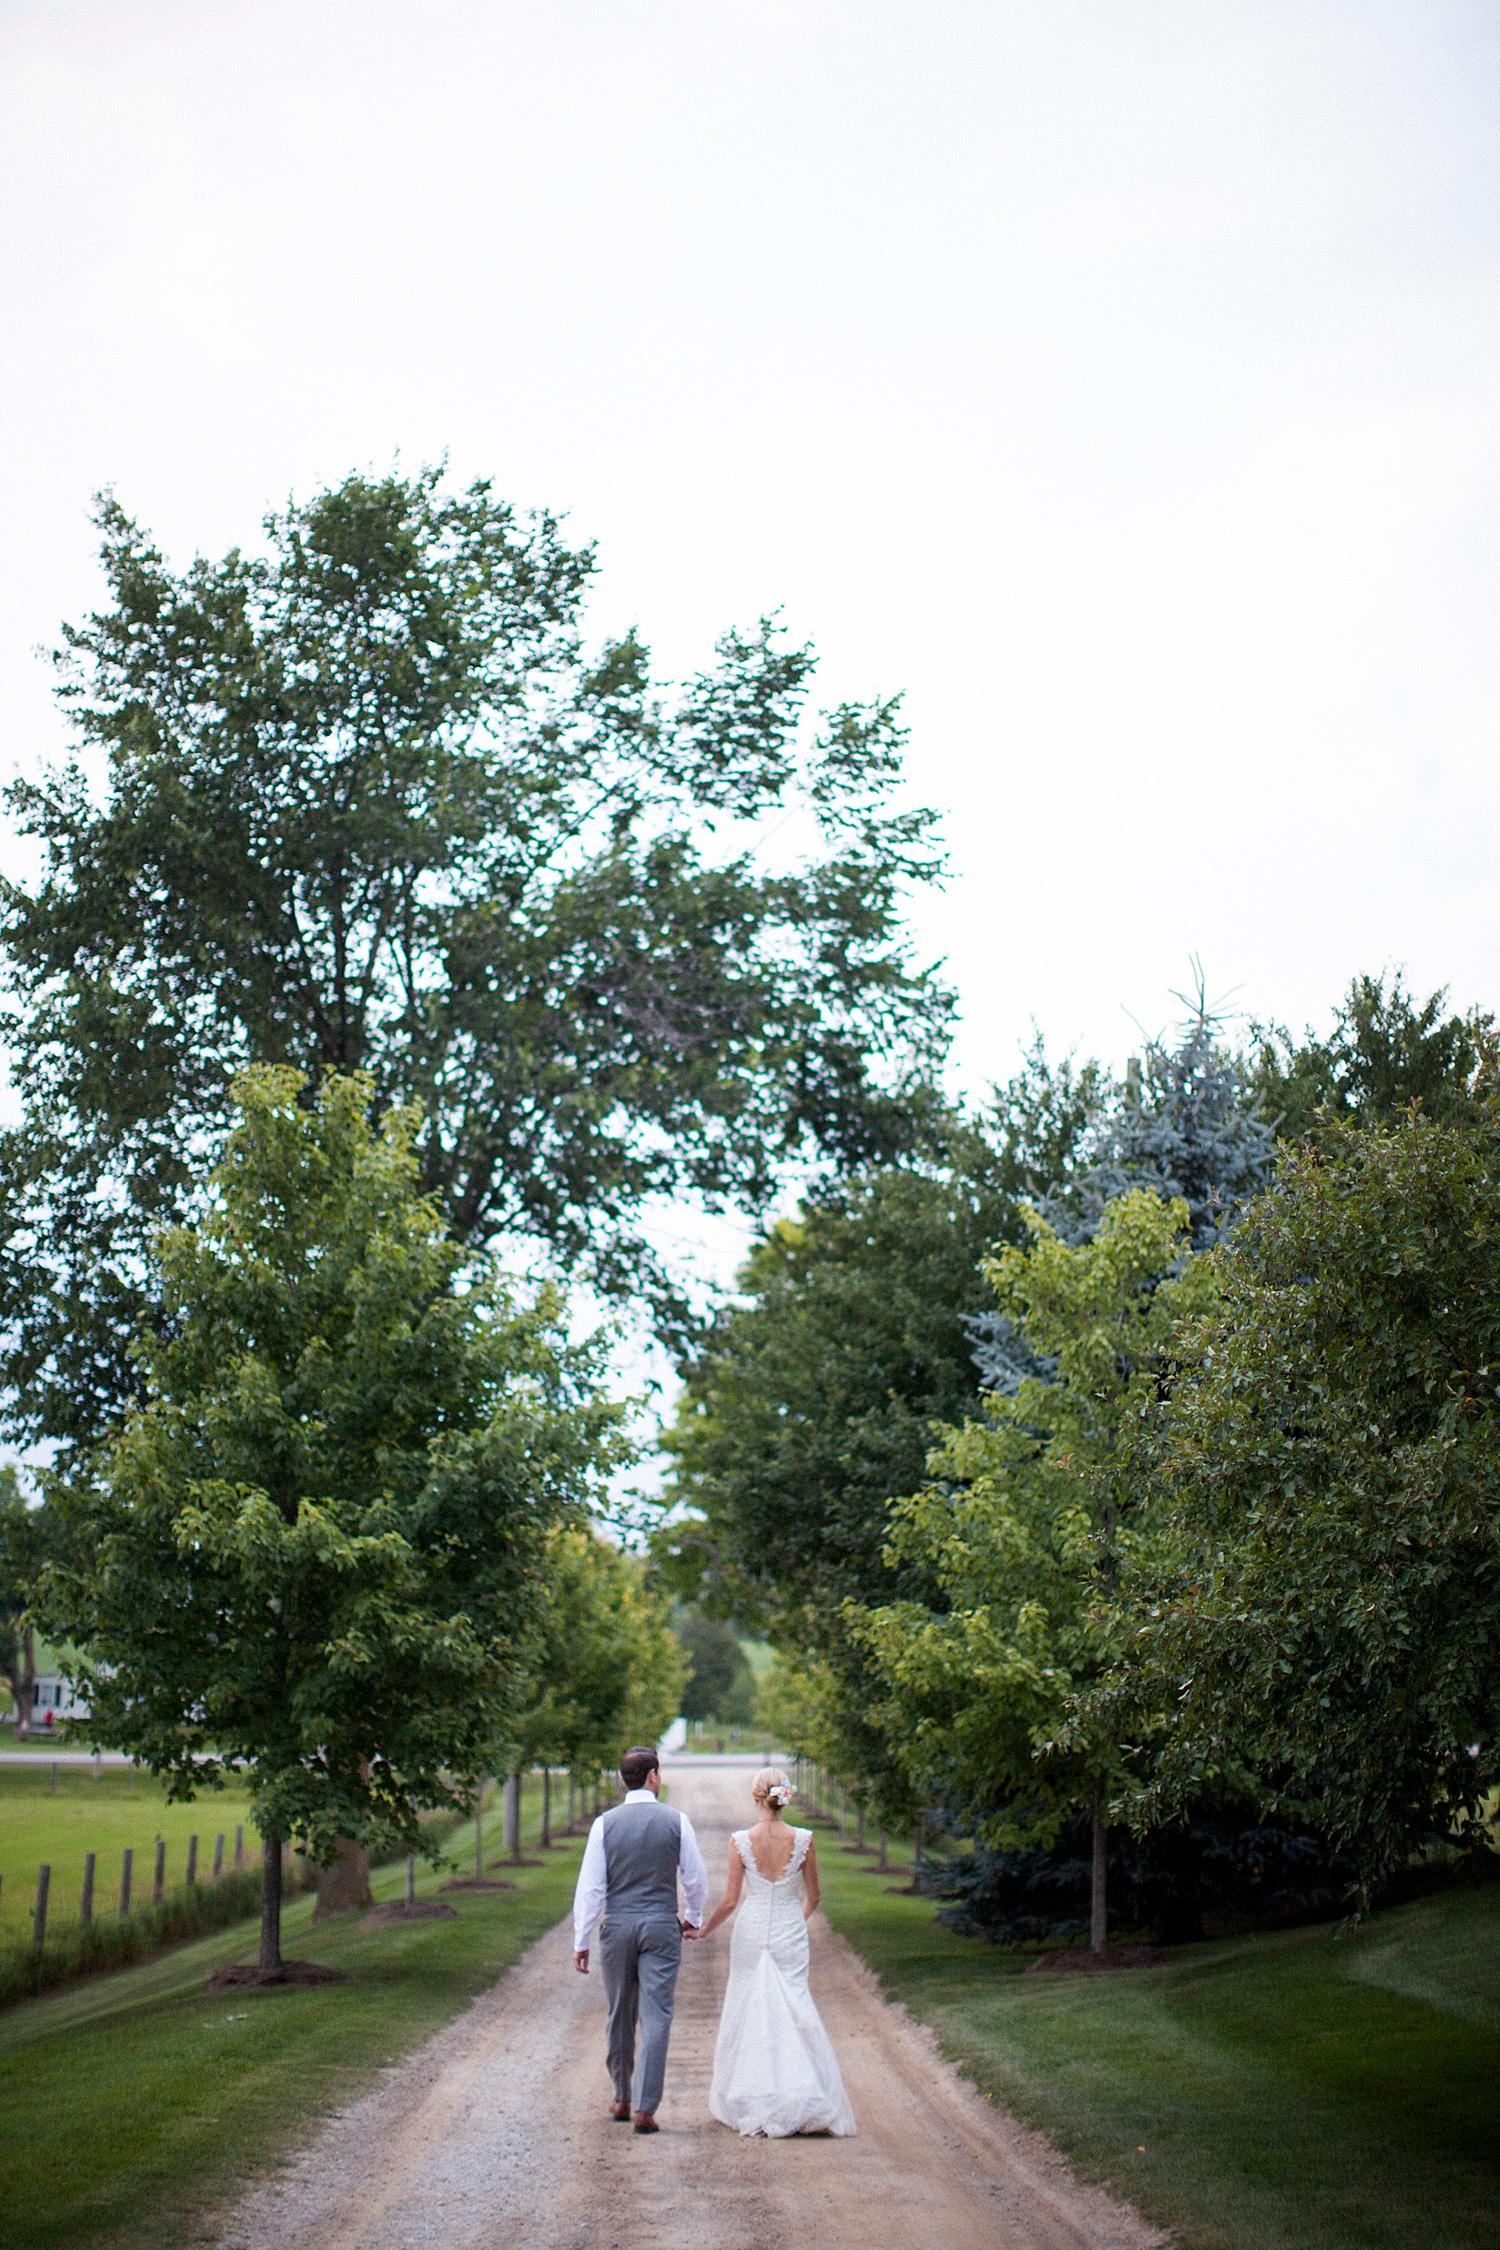 edmonton wedding photographer151.JPG